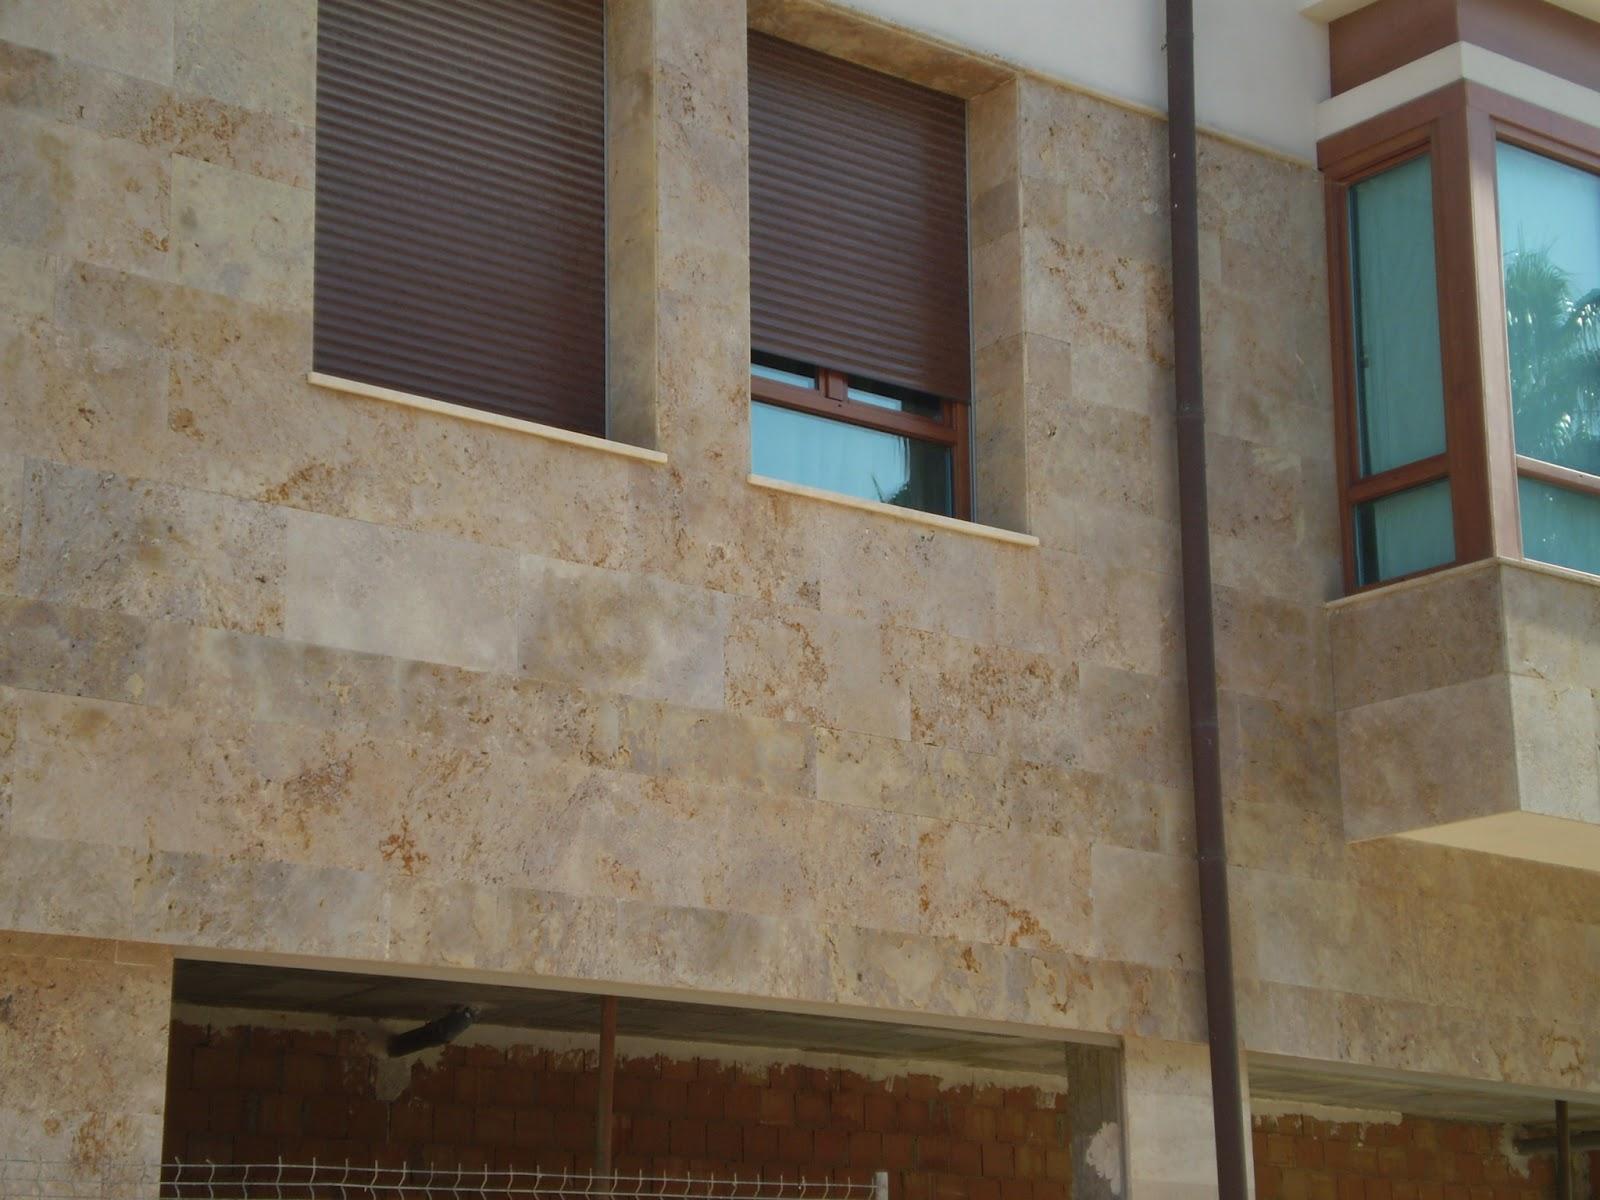 Piedra para todos opciones del travertino en fachada - Piedra natural para fachadas ...